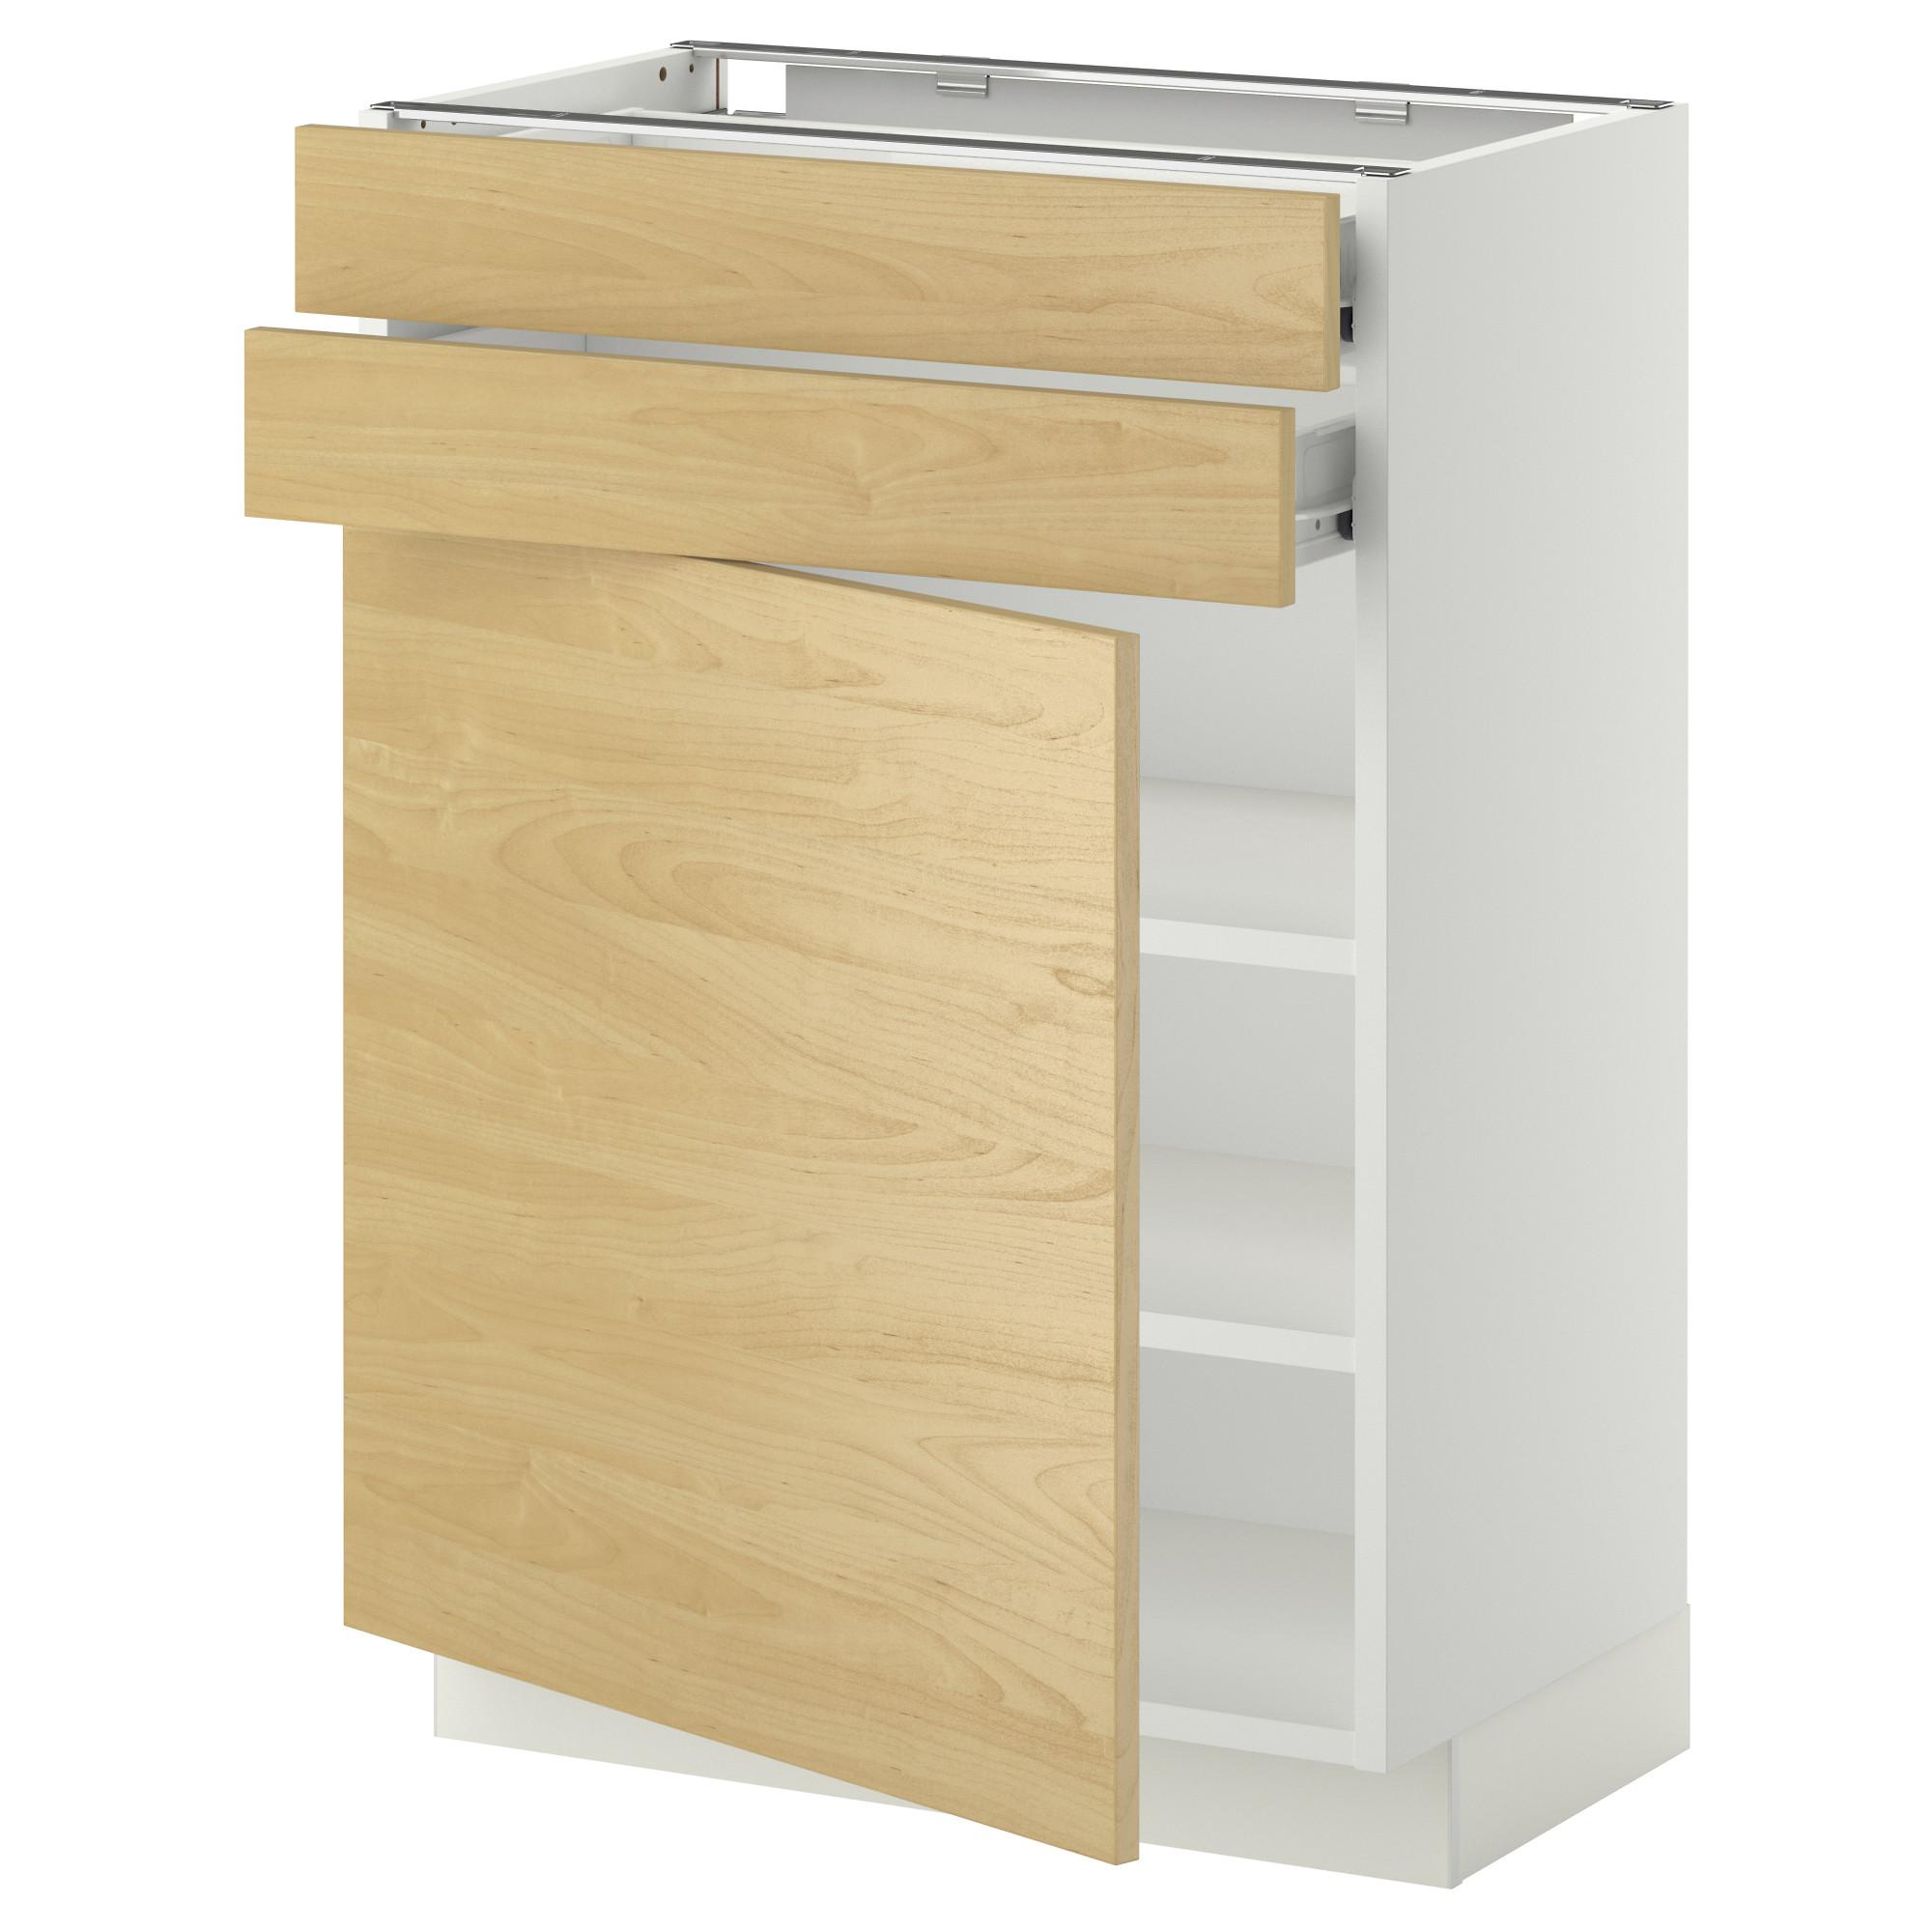 Напольный шкаф с дверцей, 2 ящиками МЕТОД / ФОРВАРА белый артикуль № 190.261.80 в наличии. Интернет каталог IKEA РБ. Недорогая доставка и установка.